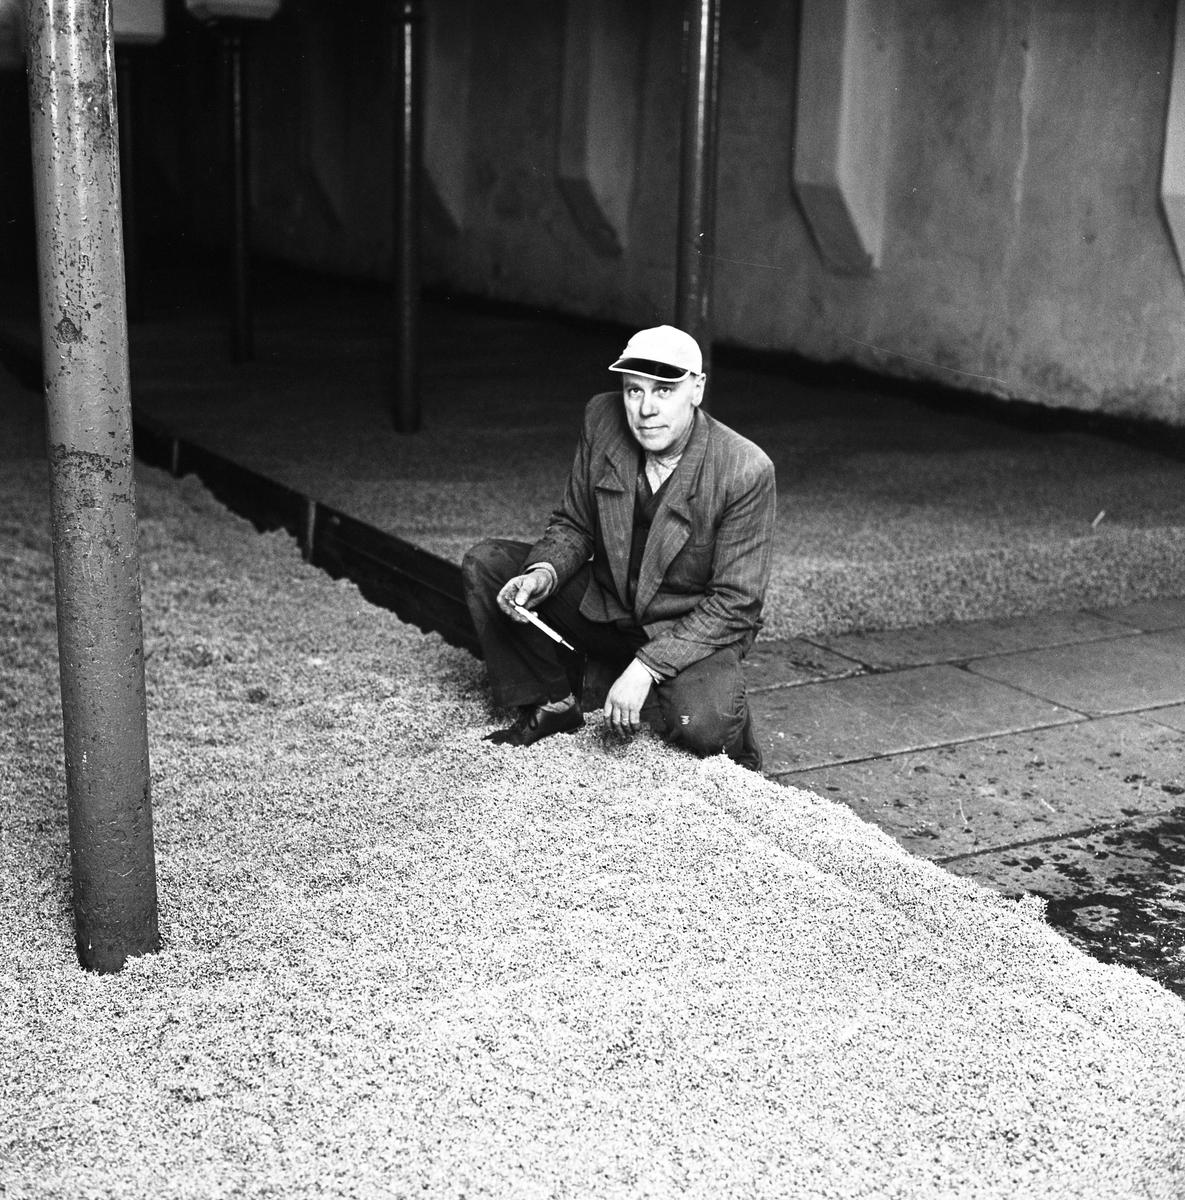 Arboga Kvarn och Maltfabrik, interiörbild från maltkällaren. En man sitter på huk vid mältan (=korn som legat i blöt i tre dygn och nu tappats ut på golvet). Han har en termometer i handen. Temperaturen är känslig, det ska helst vara mellan +8 - +10 grader. Blir det varmare kommer bladgrodden fram och så långt får inte groningsprocessen gå.  Det som kom att bli Arboga Kvarn och Maltfabrik anlades 1821 av Jonas Örström. Kvarnrörelsen startade 1915 och upphörde 1967. Vetemjöl av märket Guldsnö framställdes här. Maltproduktionen upphörde 1972.  Läs om Arboga Kvarn och Maltfabrik: Hembygdsföreningen Arboga Minnes årsböcker från 1979 och 1999 Reinhold Carlssons bok Arboga Objektivt sett